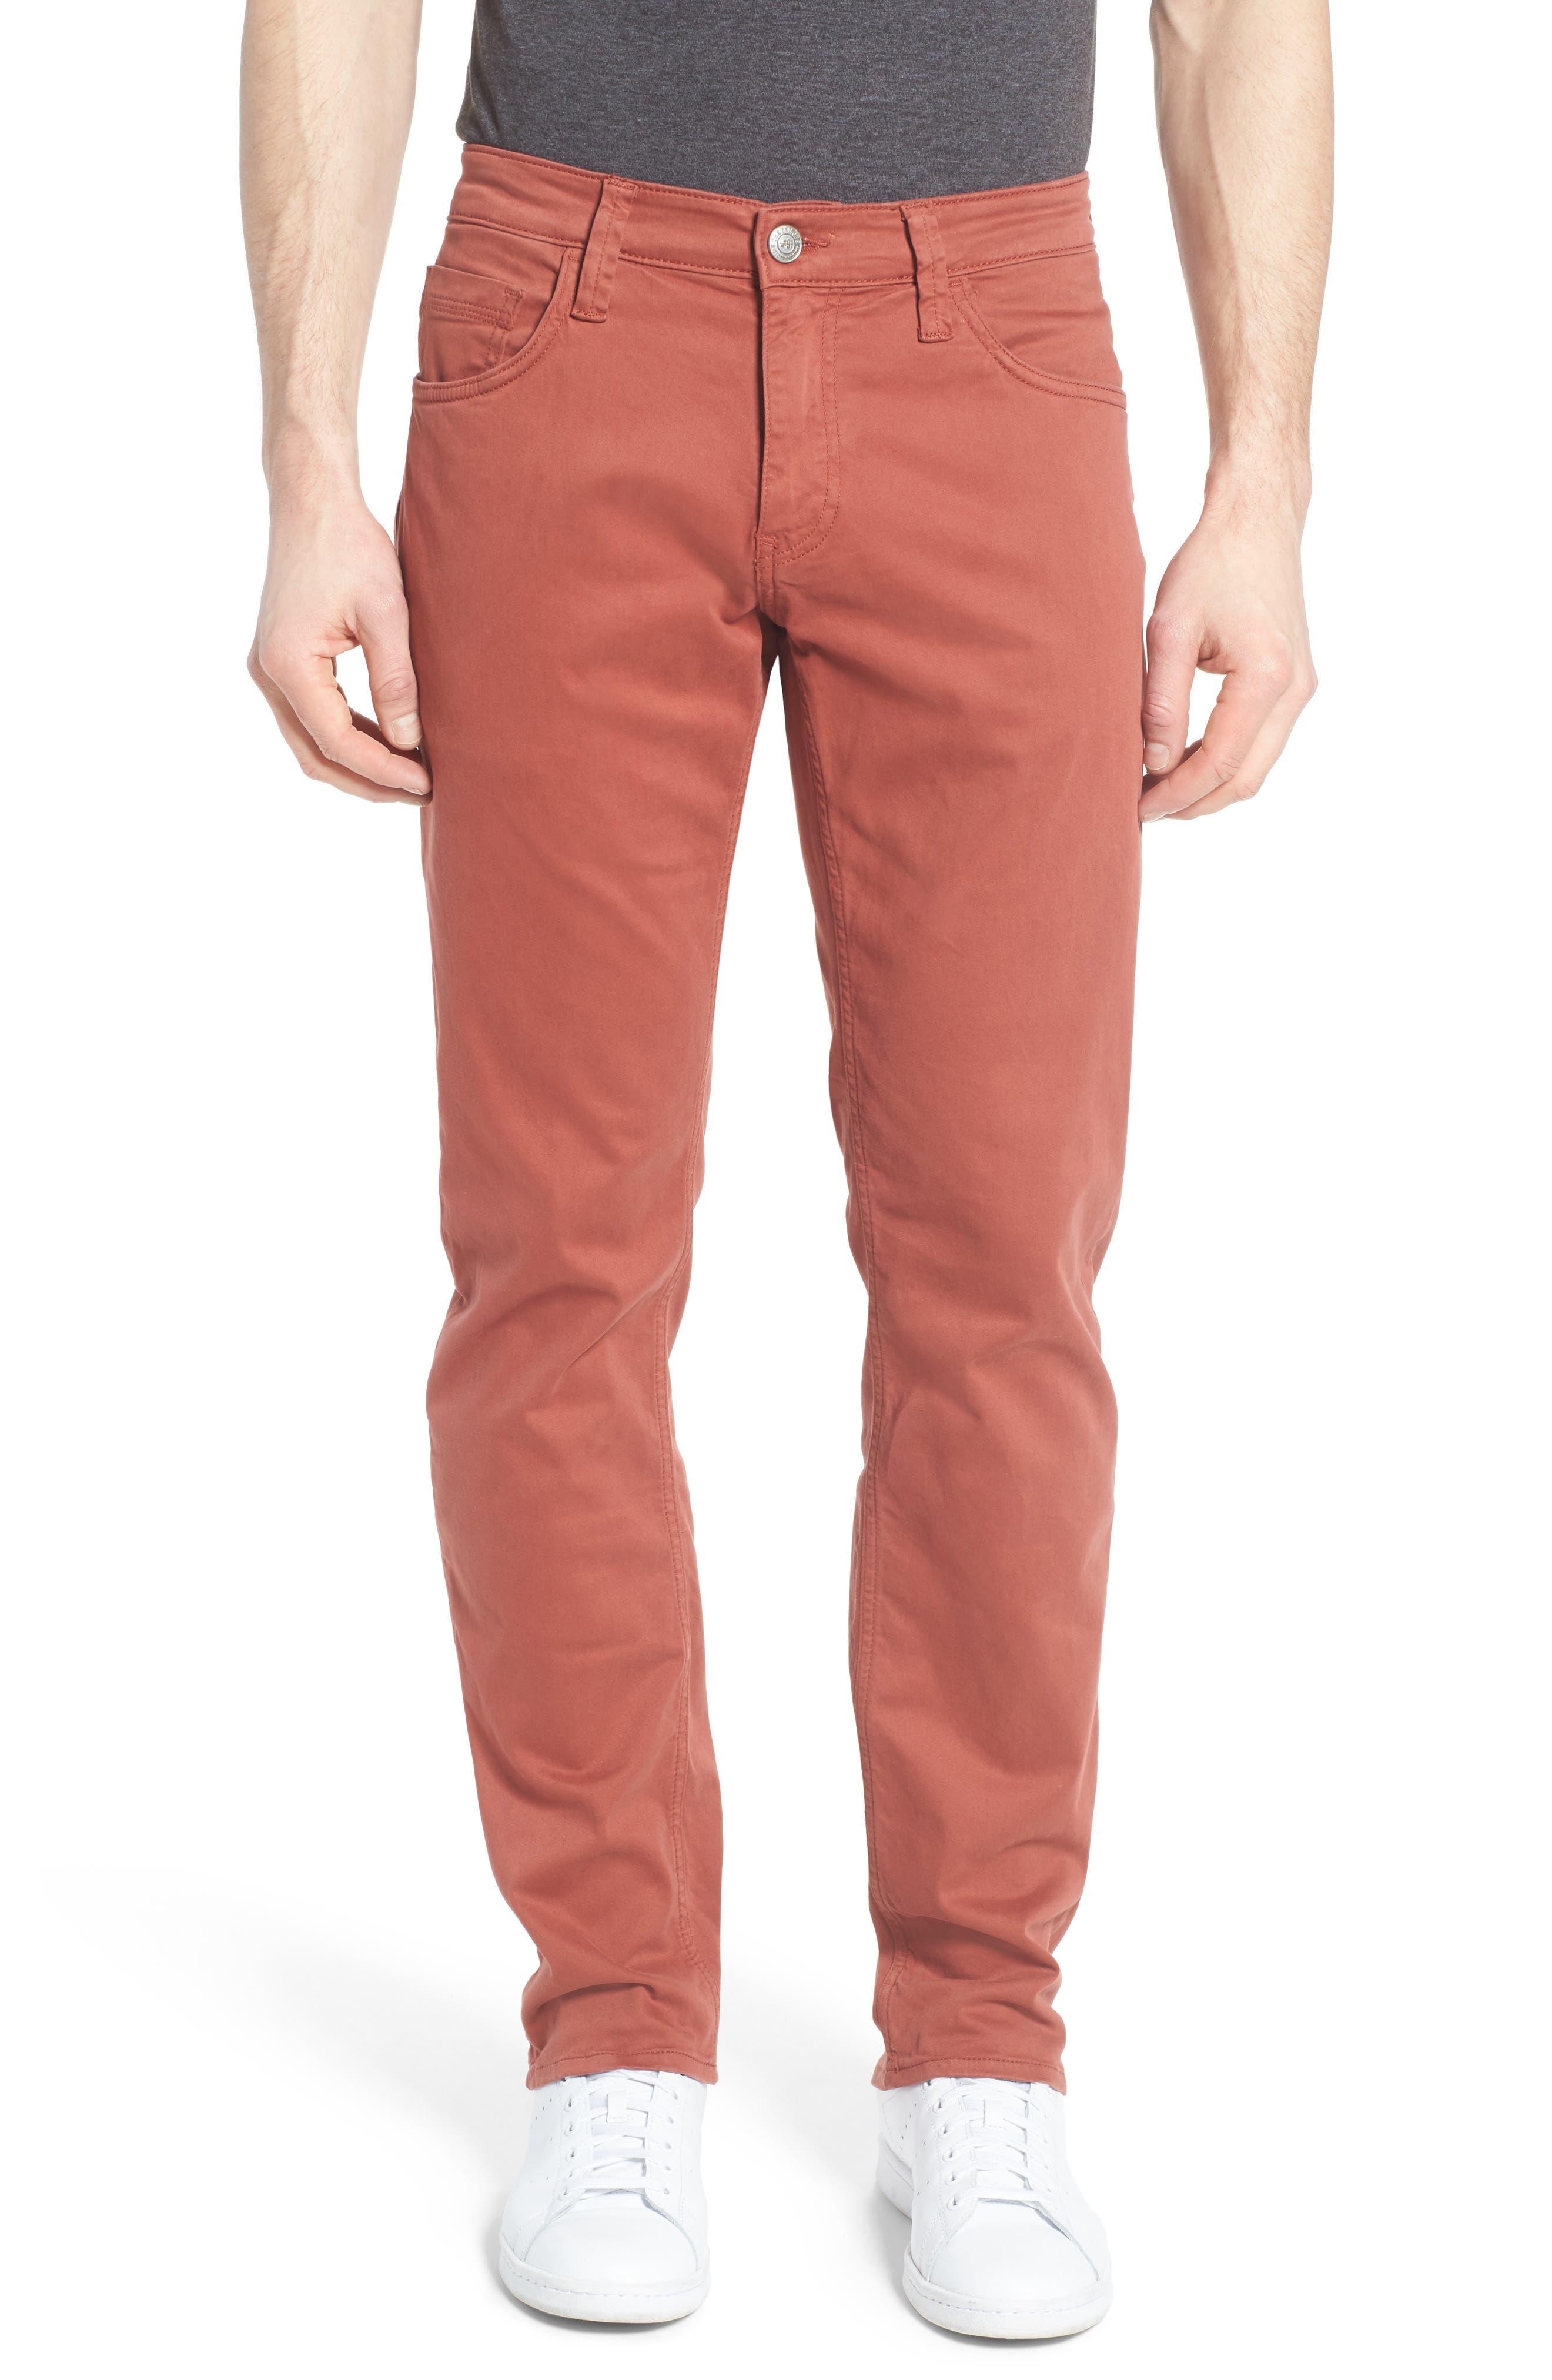 Mavi Jeans Zach Straight Leg Jeans (Brick Red Twill) (Regular, Big & Tall)